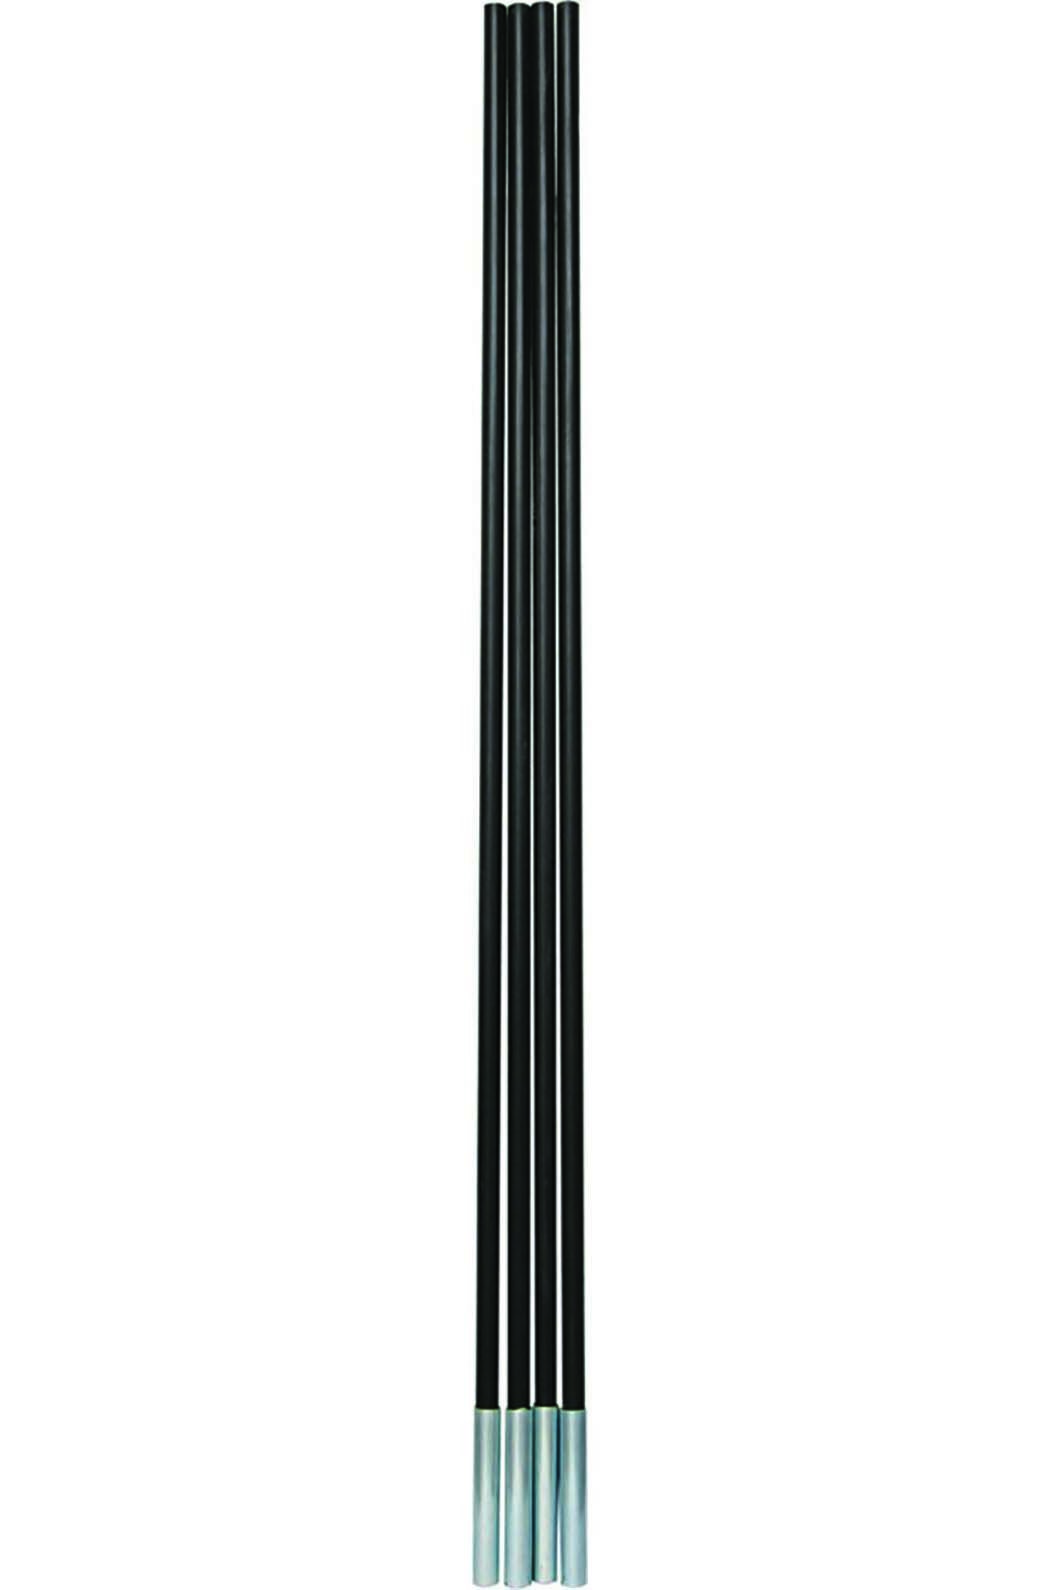 Prim Pack Fibreglass 9mm Tent Pole, None, hi-res